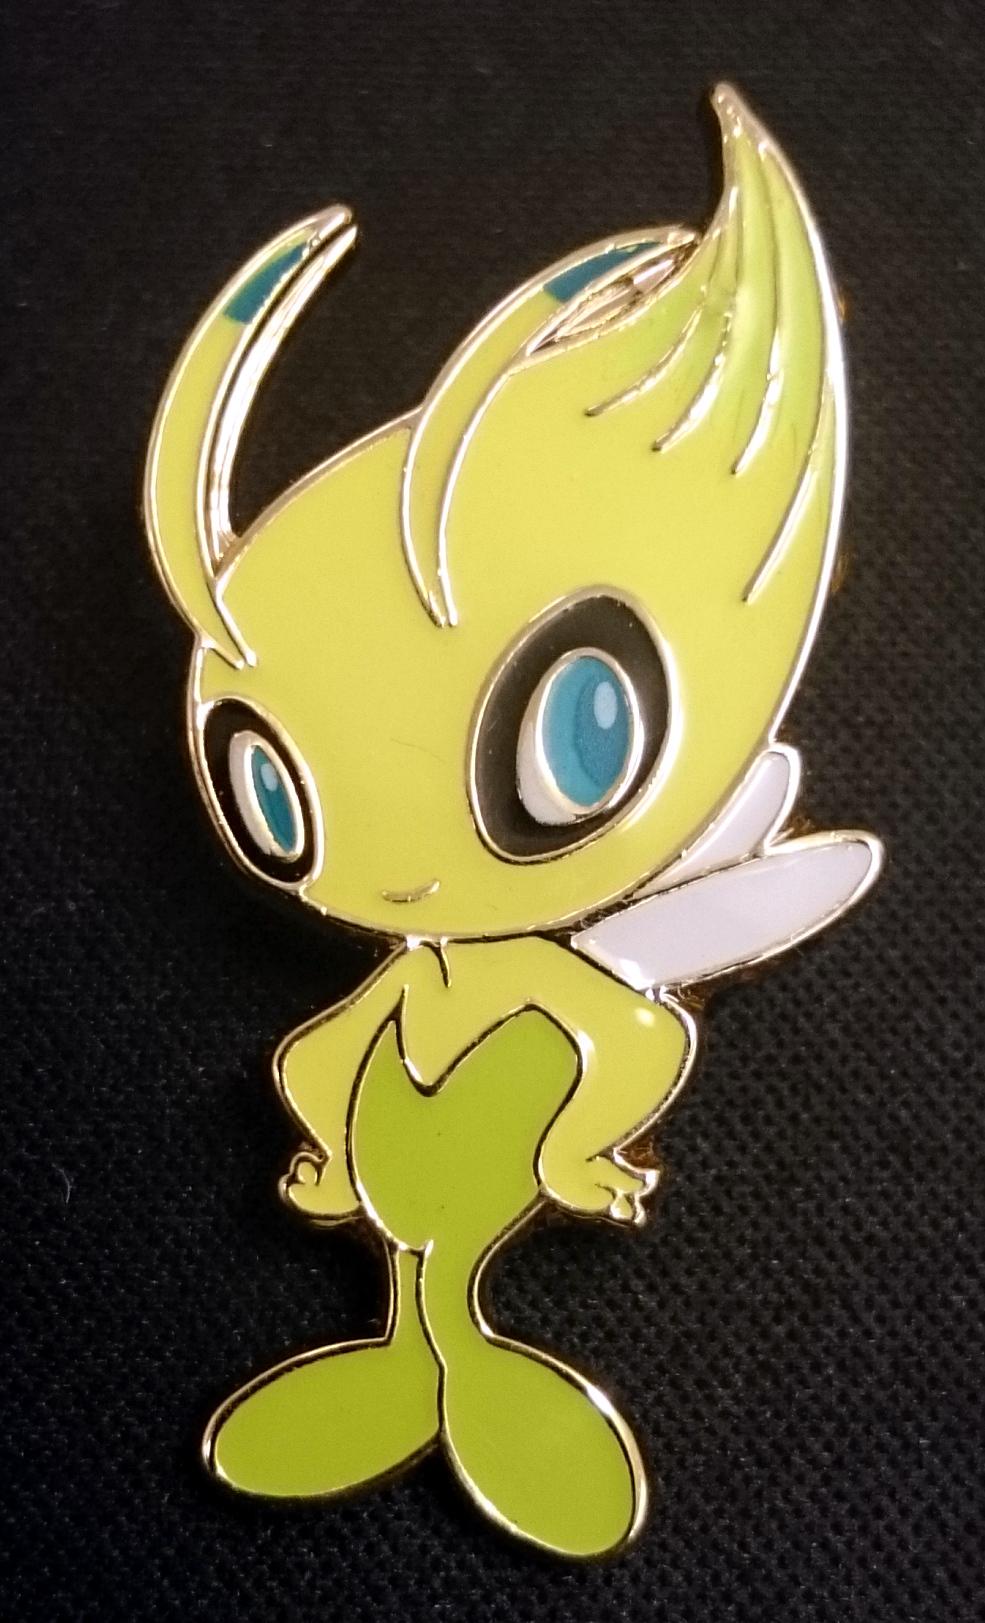 Celebi Pin - Mythical Celebi Collection Exclusive